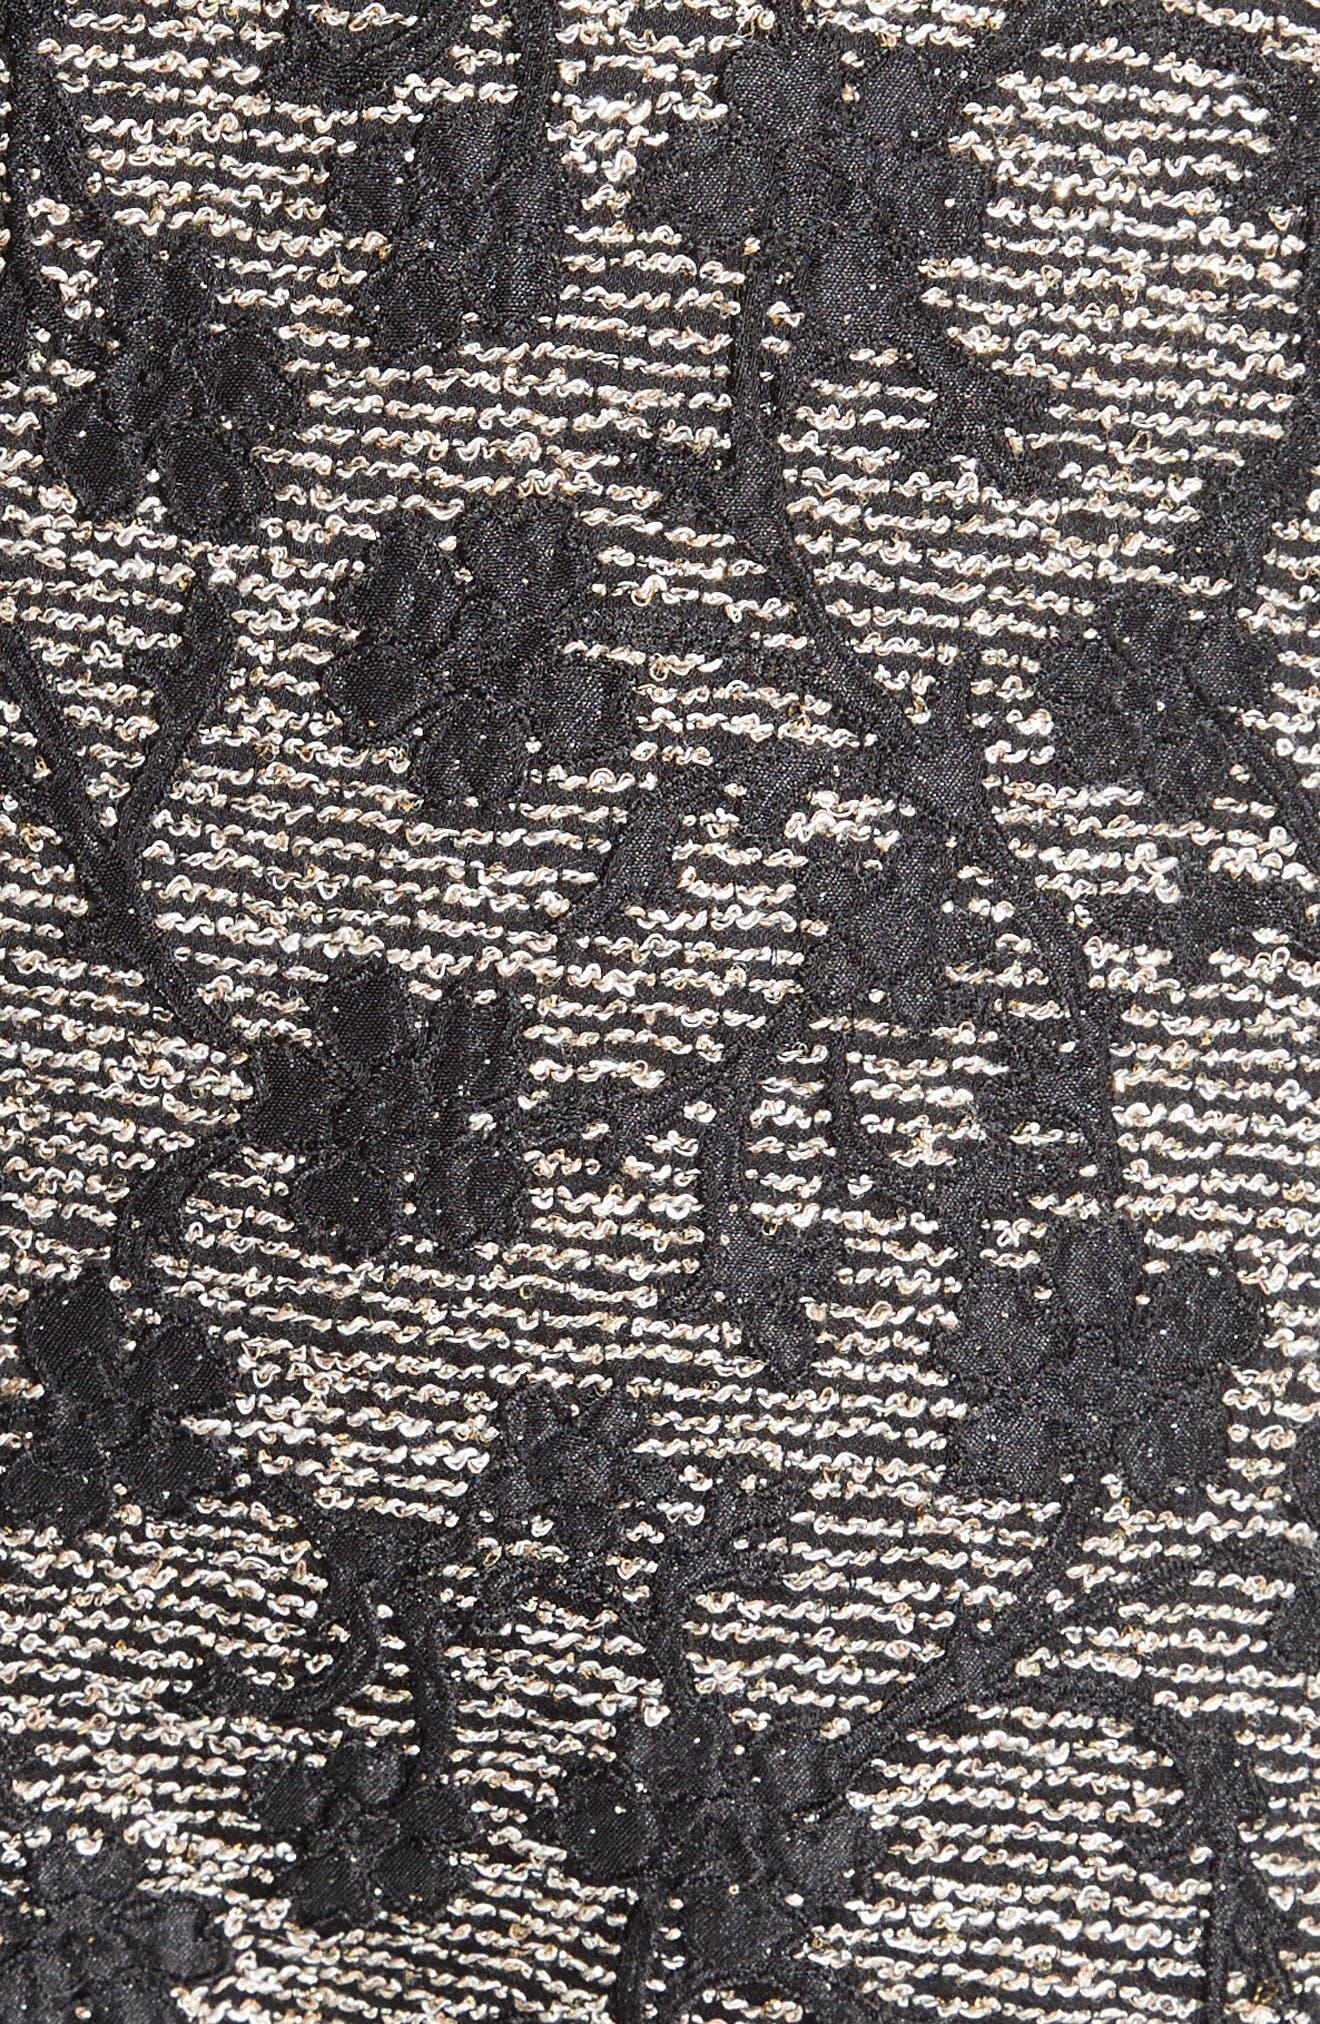 Floral Jacquard Midi Dress,                             Alternate thumbnail 5, color,                             001